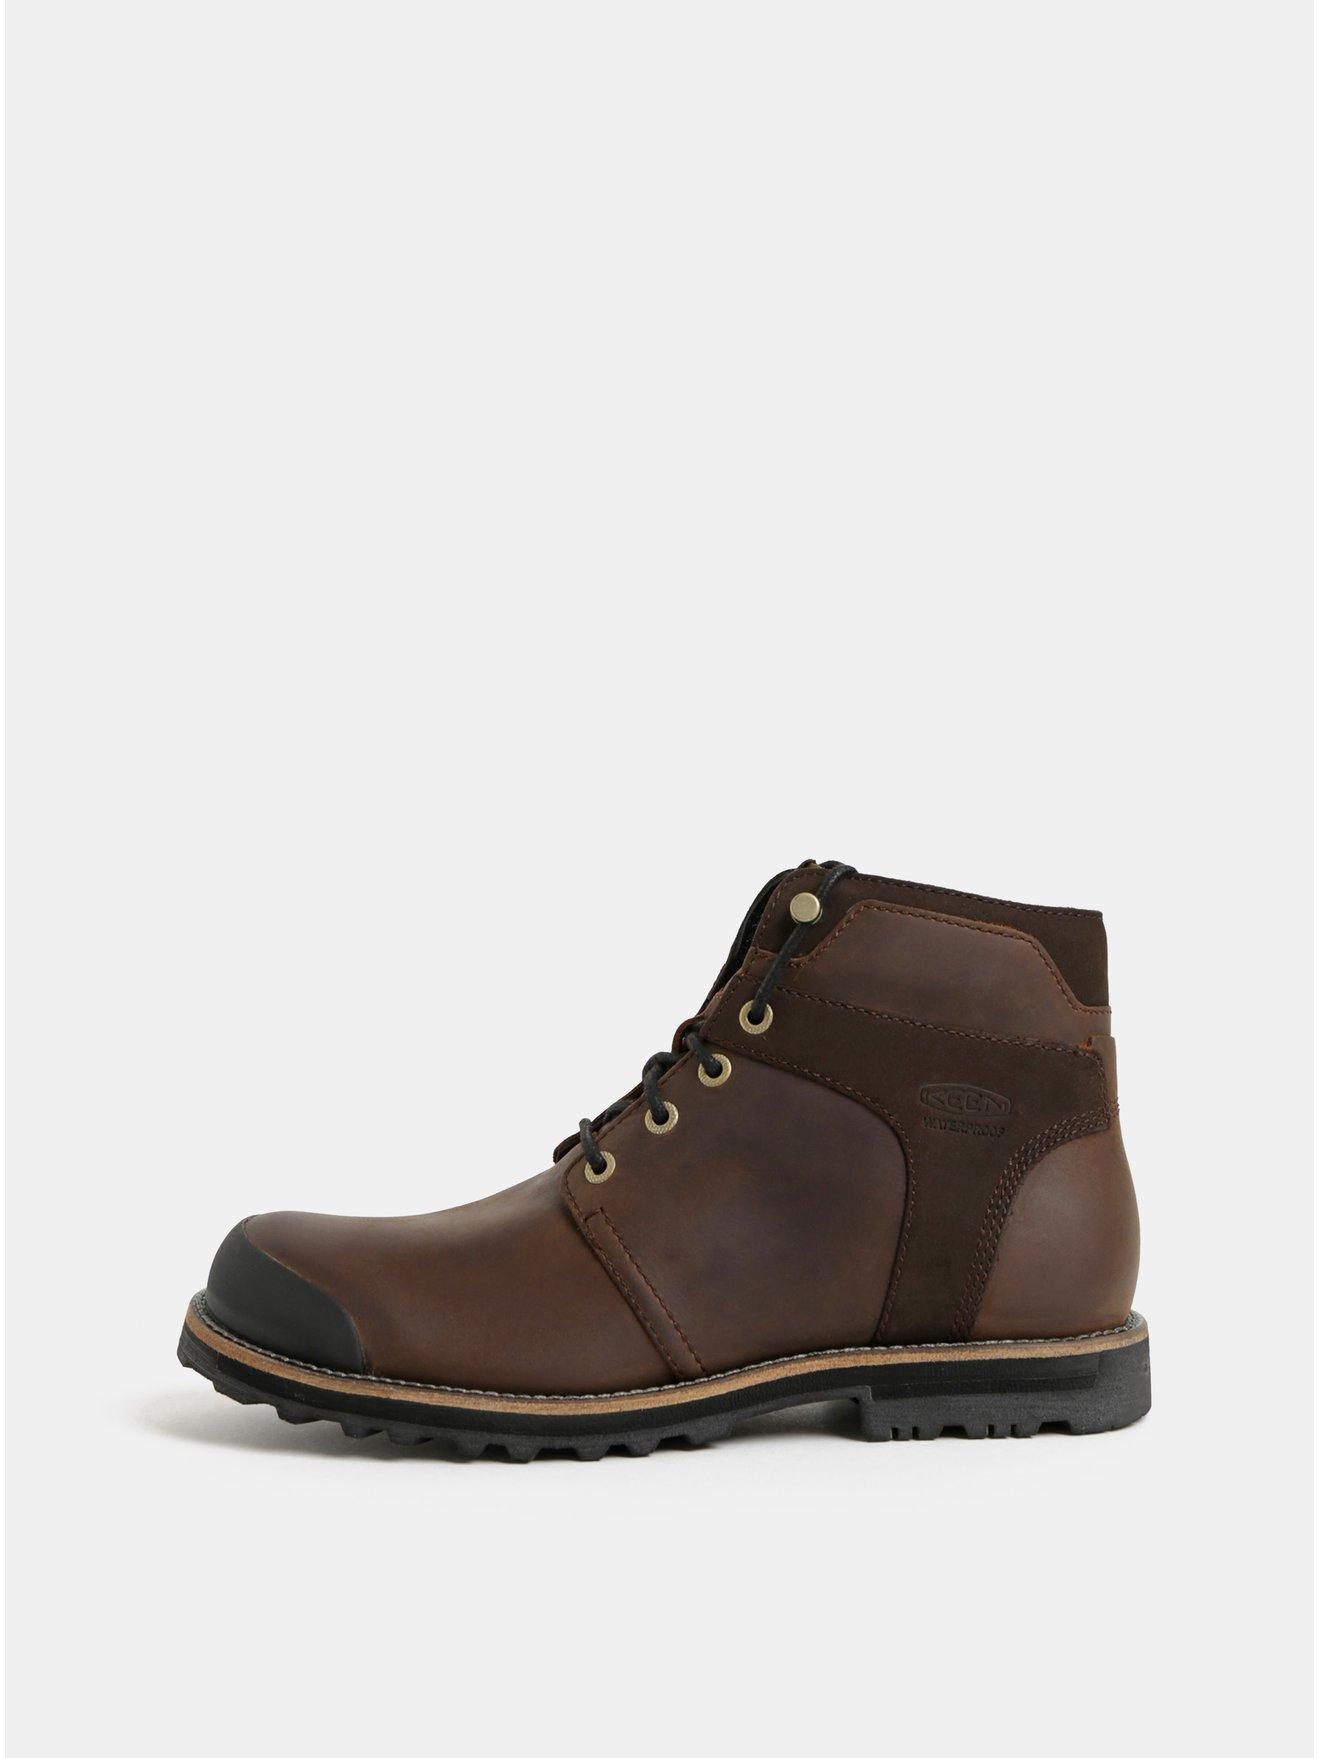 Tmavě hnědé pánské kožené voděodolné kotníkové boty Keen Rocker 630bc90411